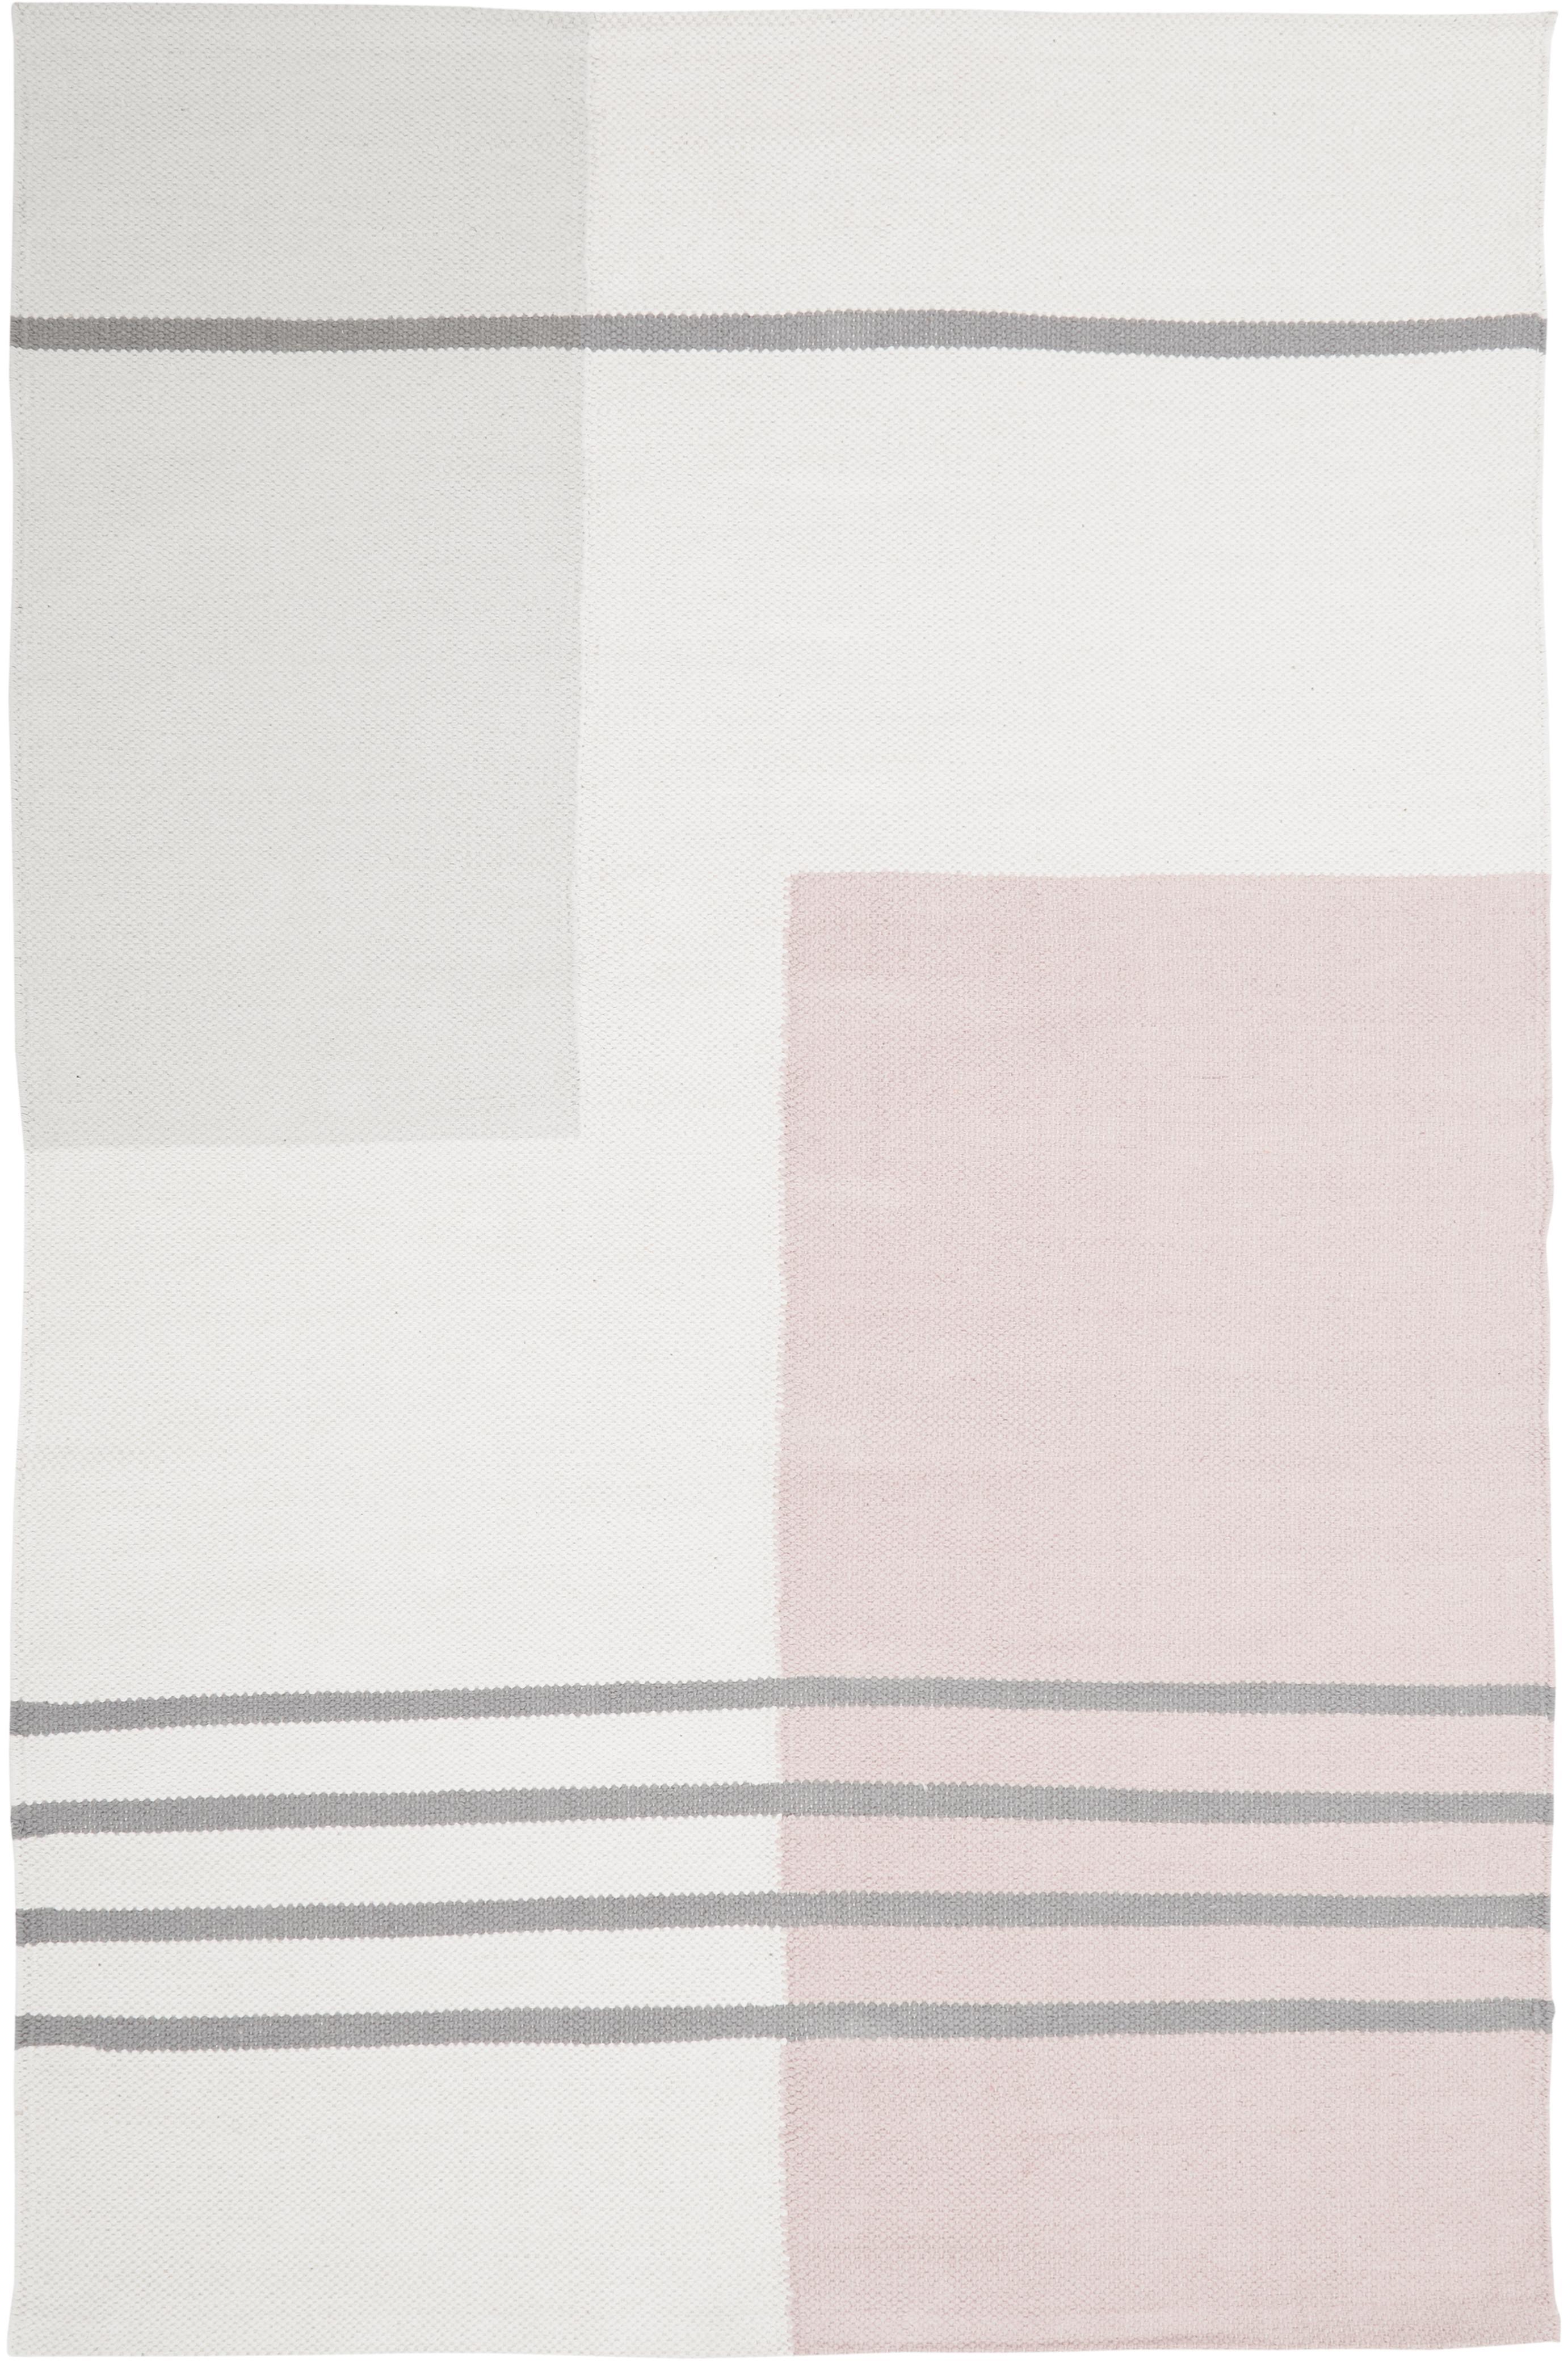 Tappeto in cotone a tessitura piatta Georgio, Cotone, Grigio, beige, rosa, Larg. 120 x Lung. 180 cm (taglia S)